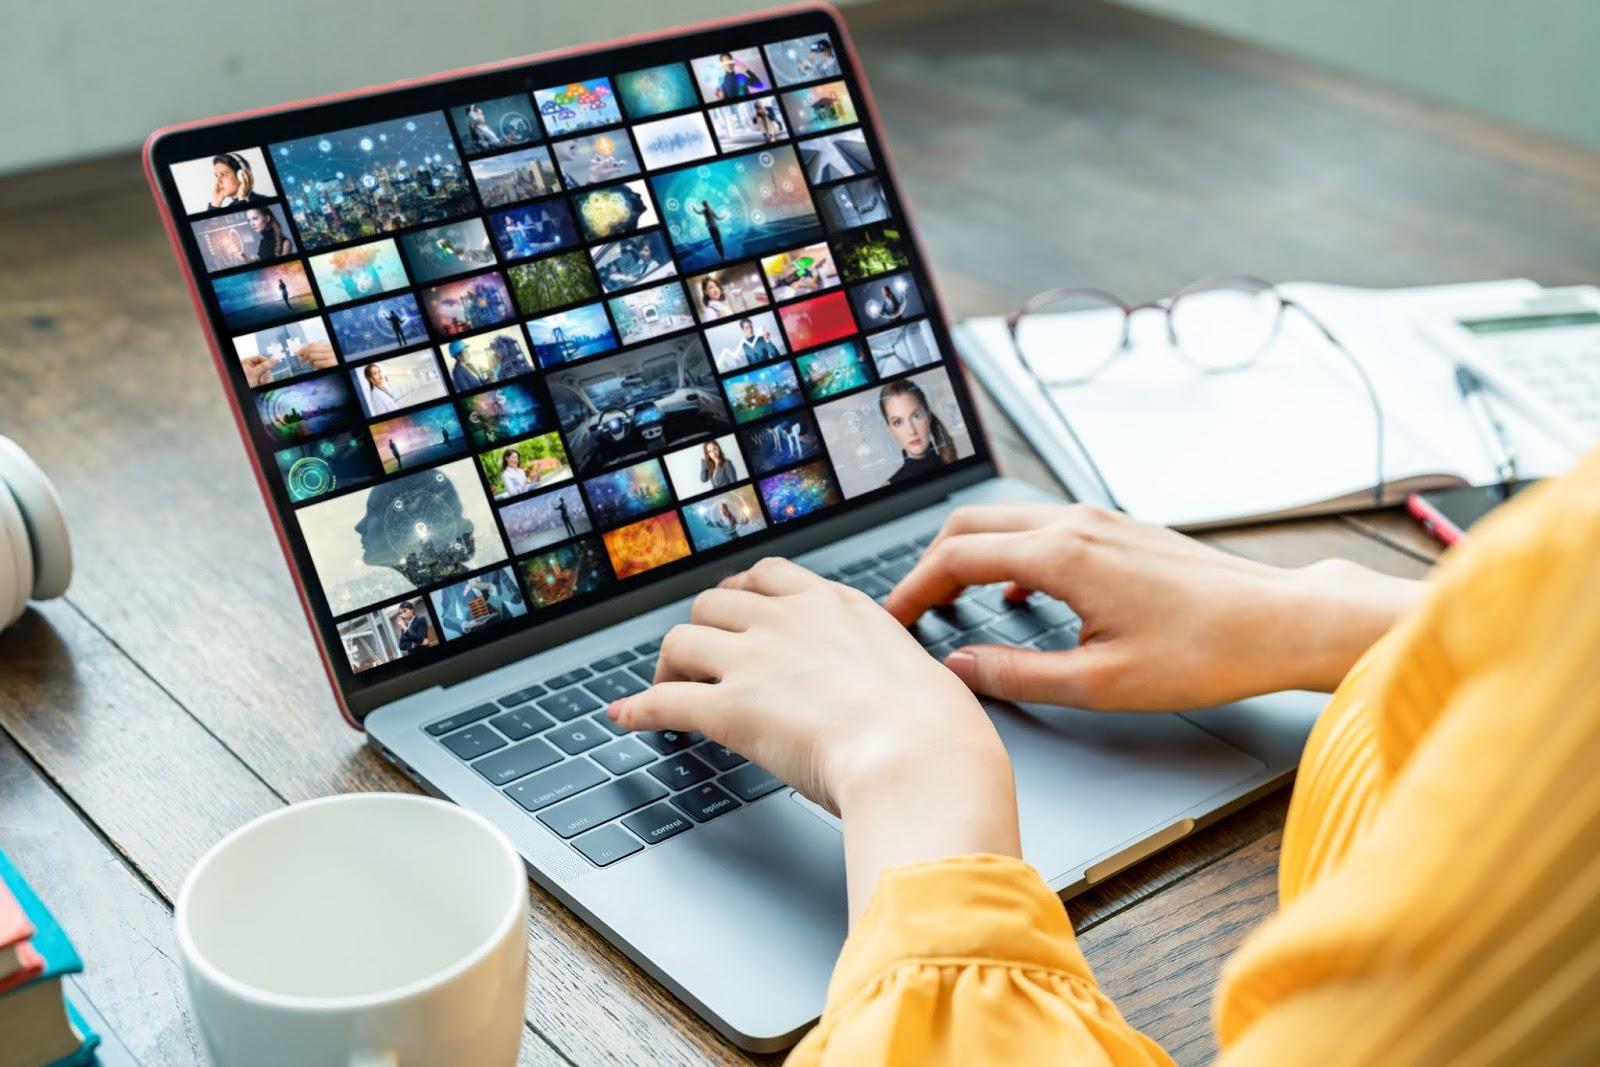 Bahaya di Balik Situs Film Streaming Ilegal Seperti IndoXXI